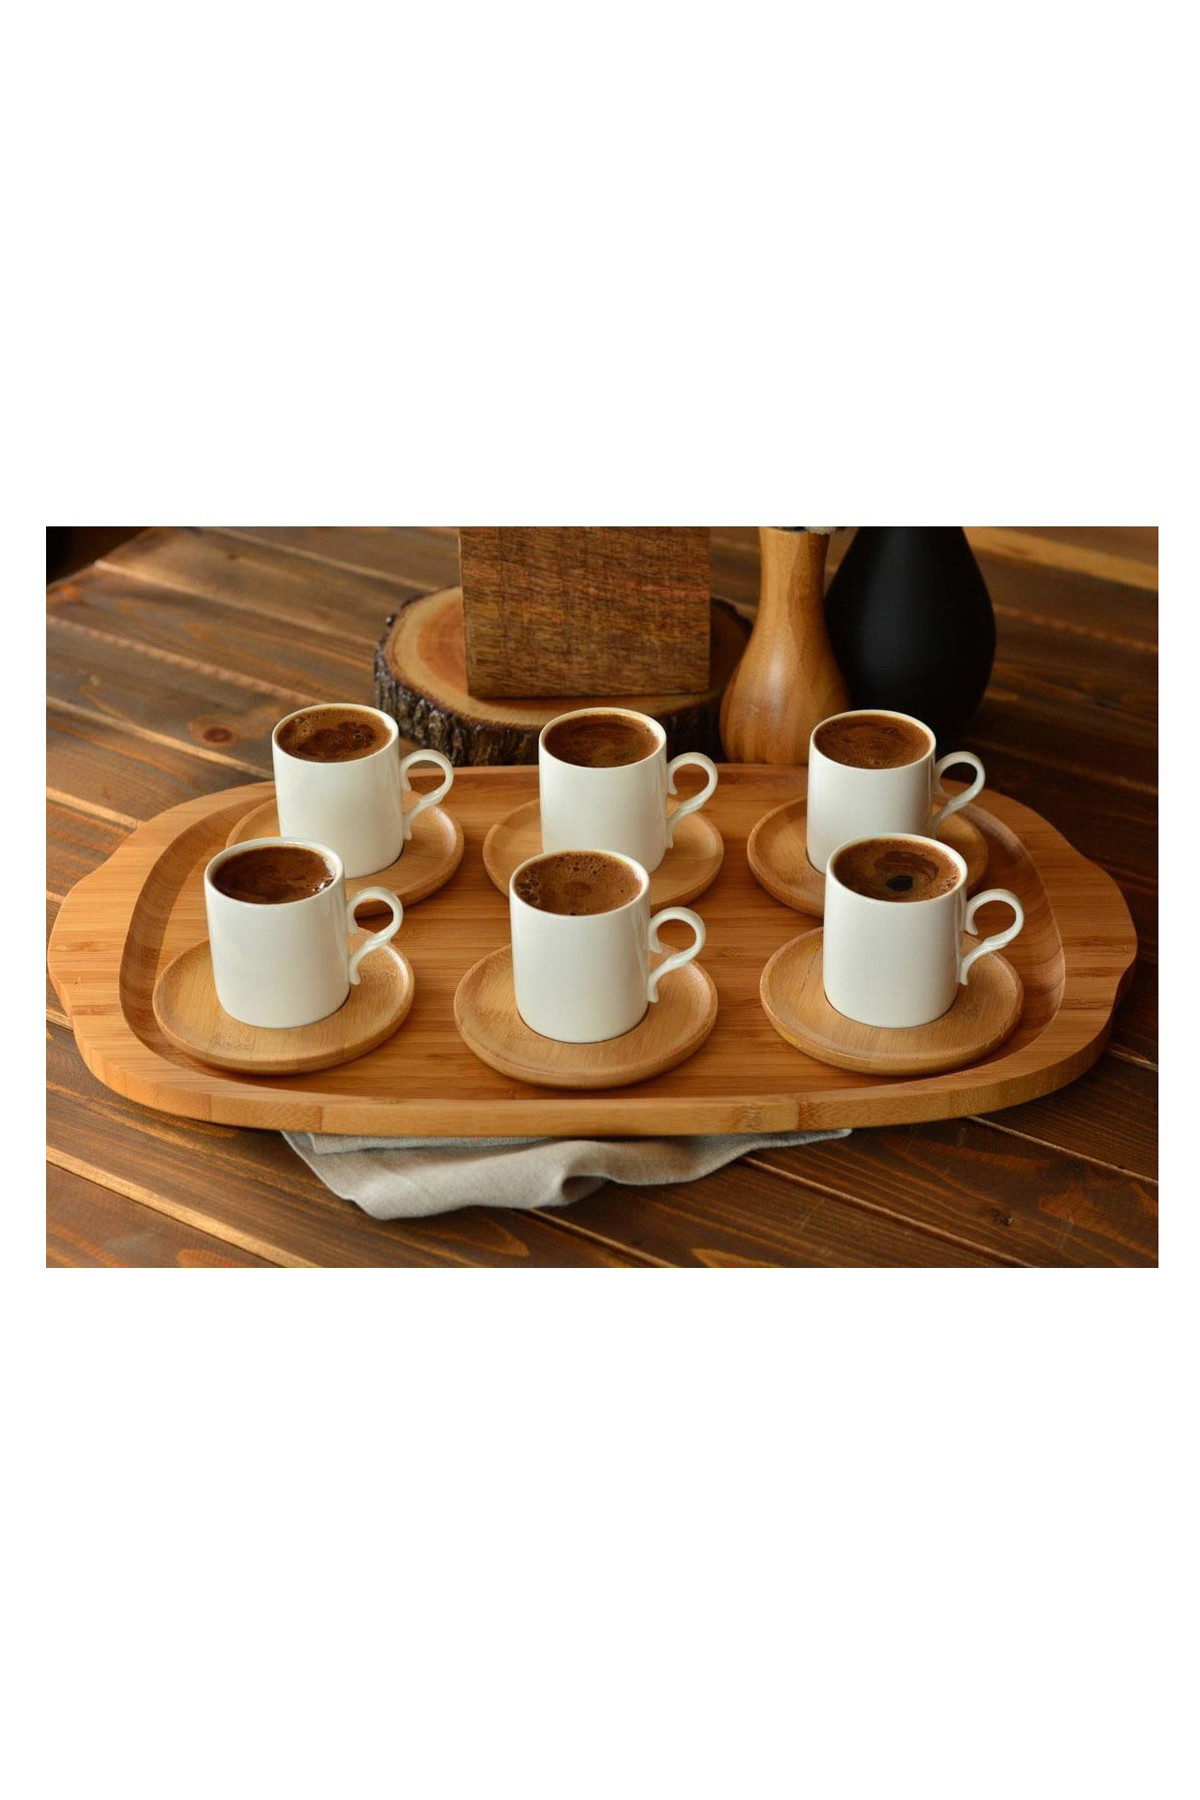 Sepetcibaba - Sosa - 6 Kişilik Kahve Takımı